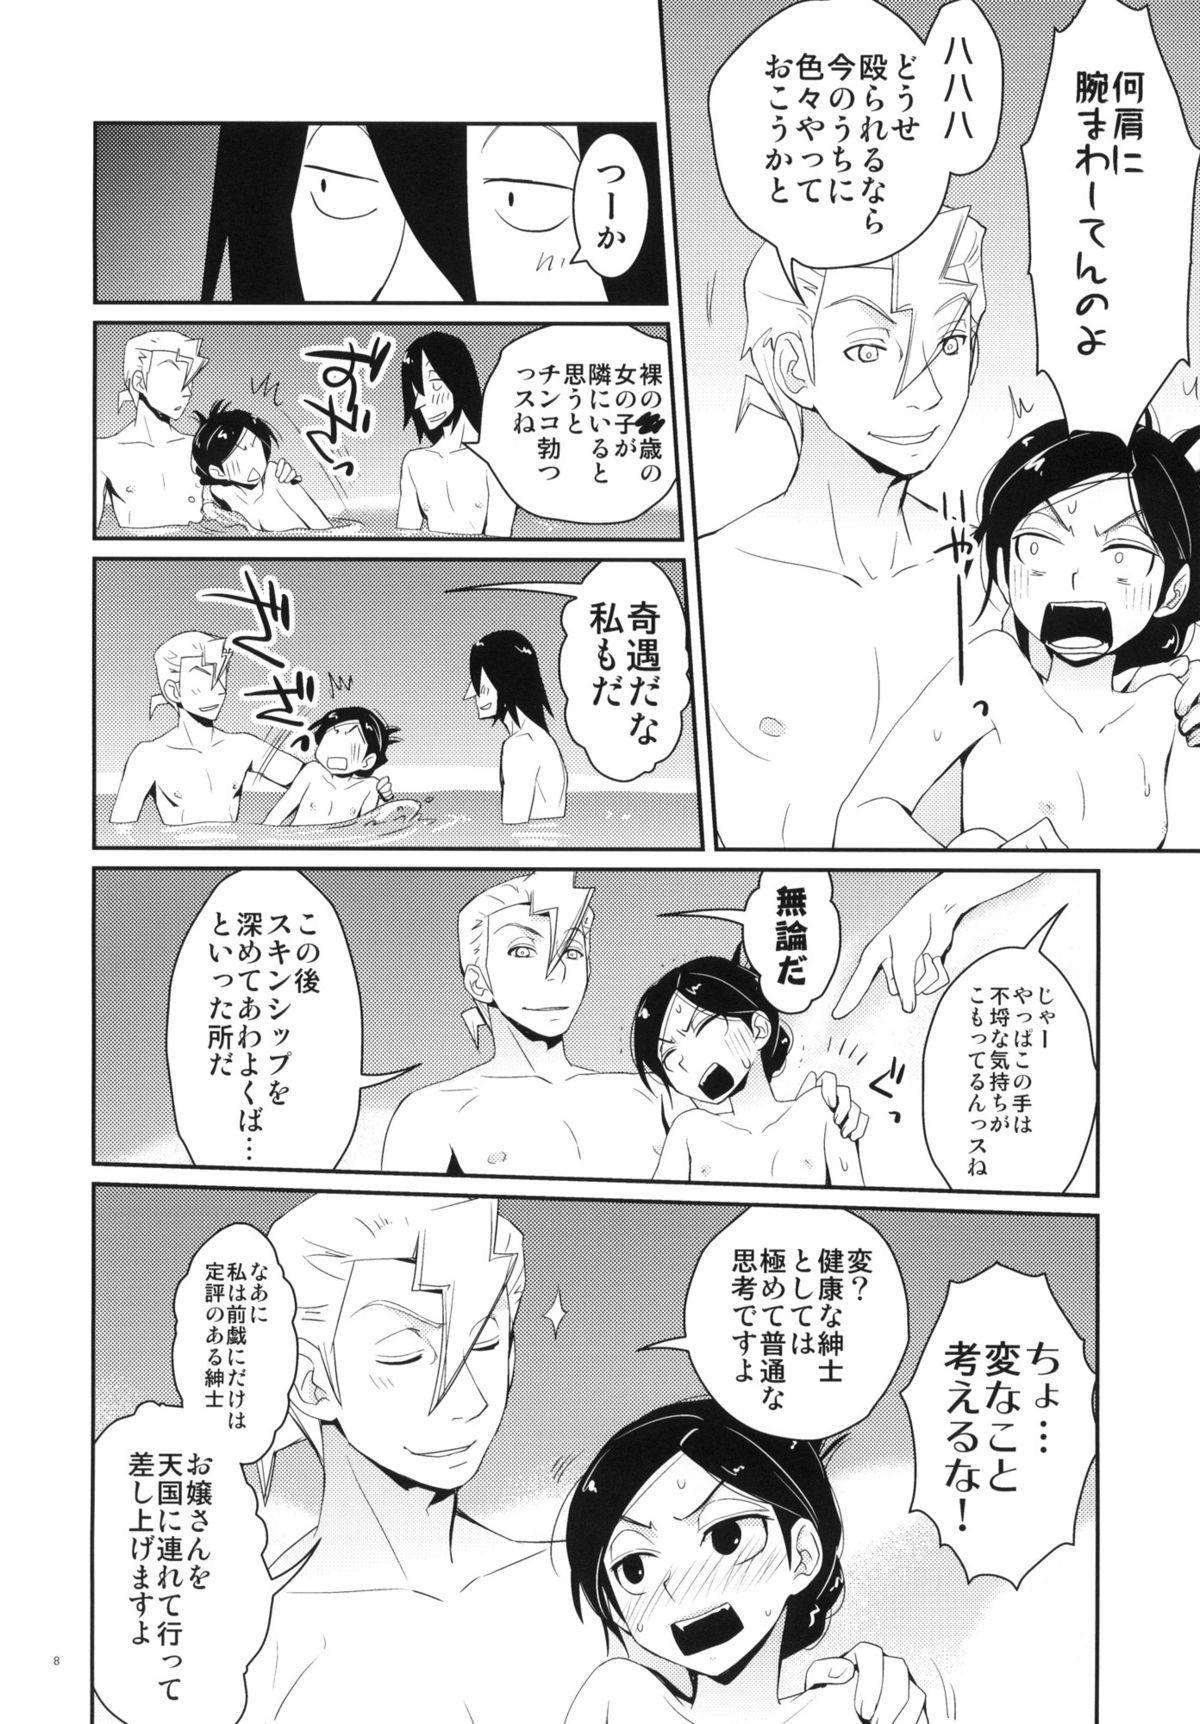 Tsun na Imouto Tetsuko 2 6